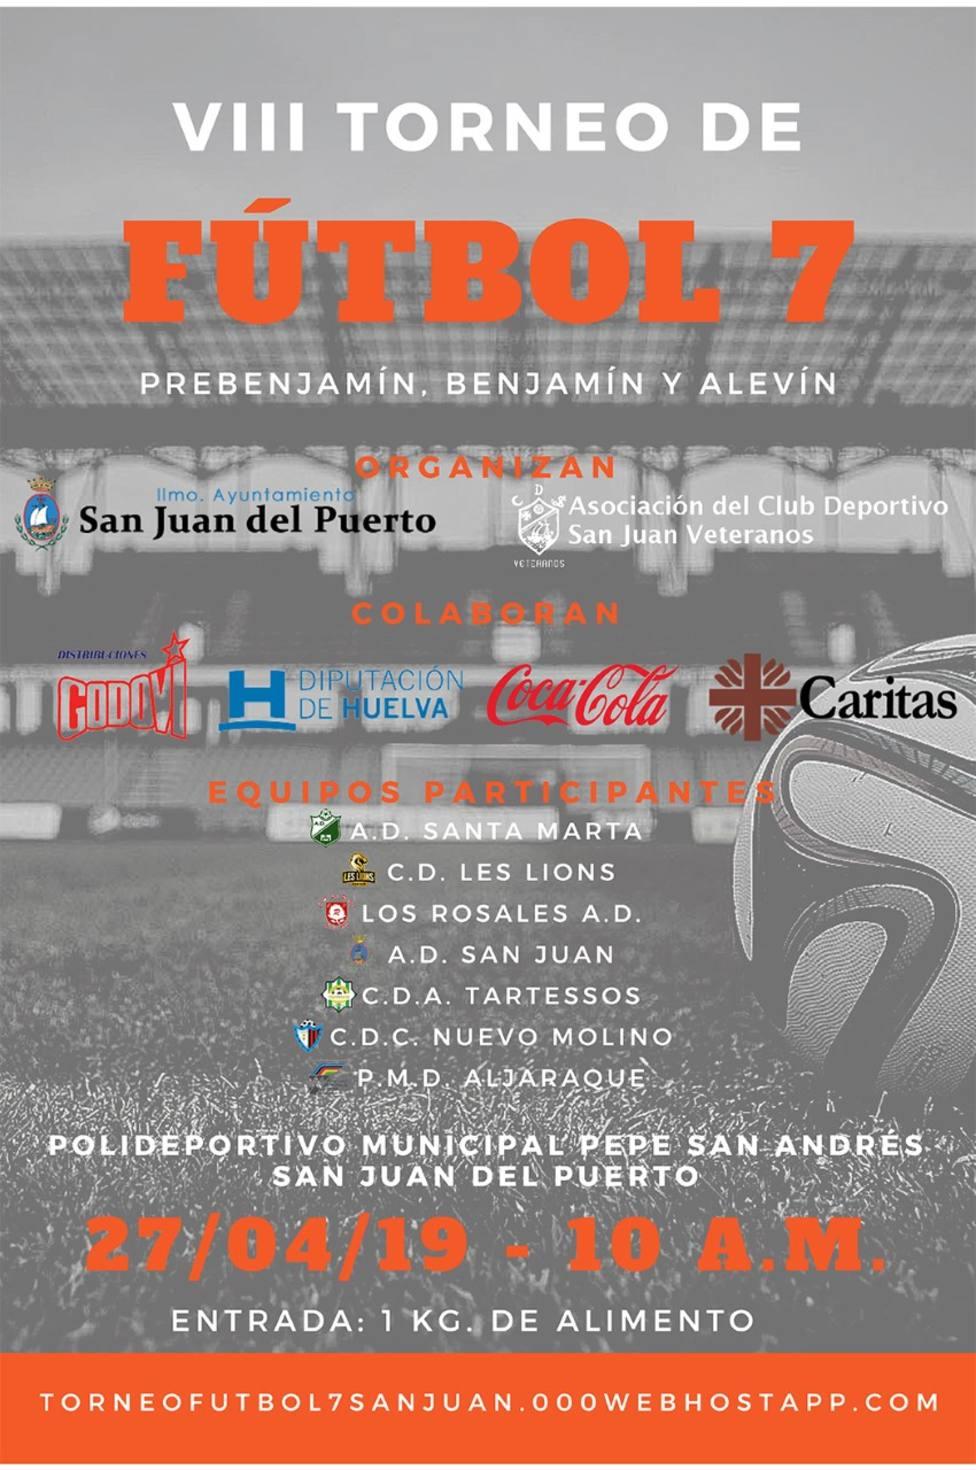 cartel anunciador del Torneo de Fútbol 7